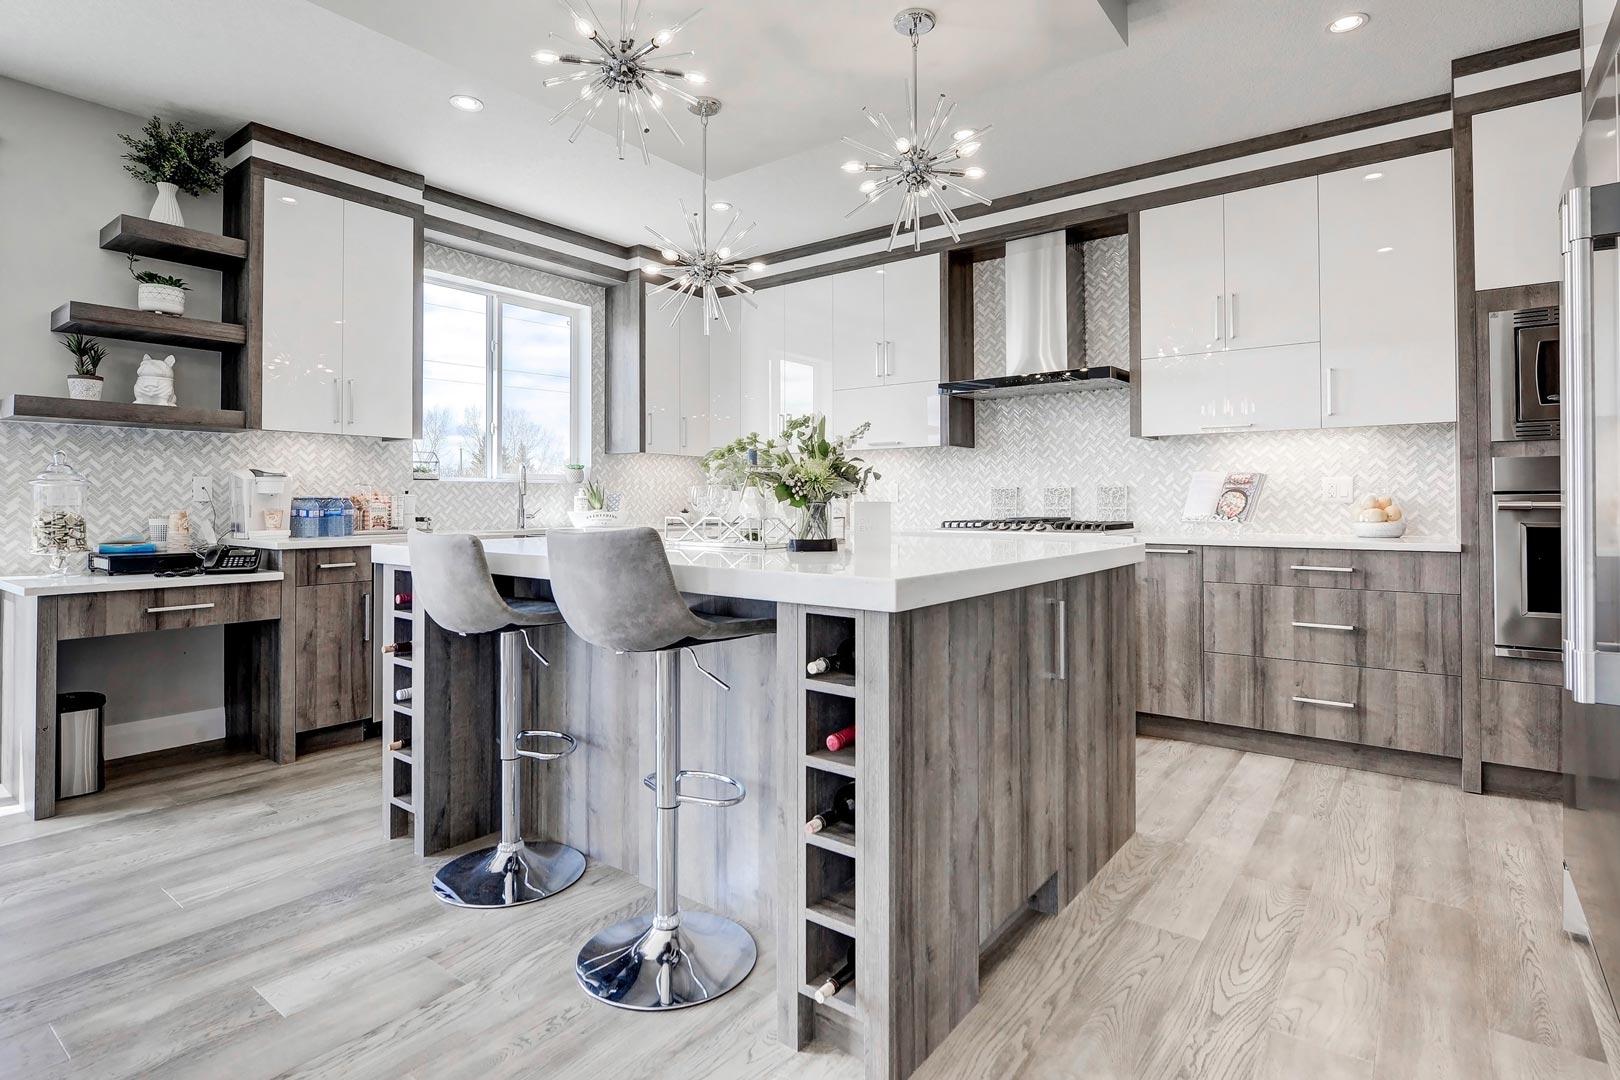 Green Cedar Homes Interior Image - Kitchen